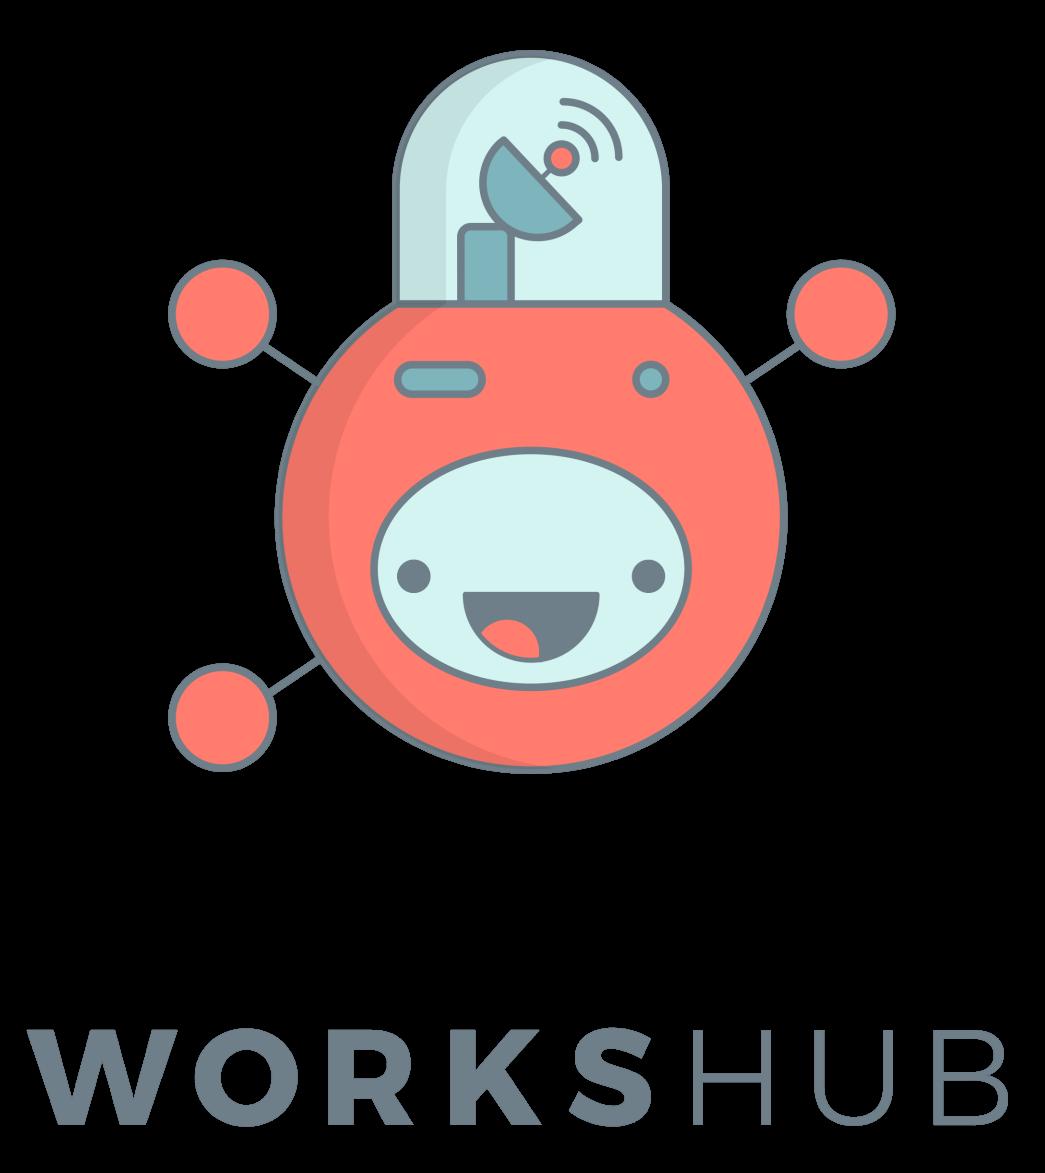 WorksHub